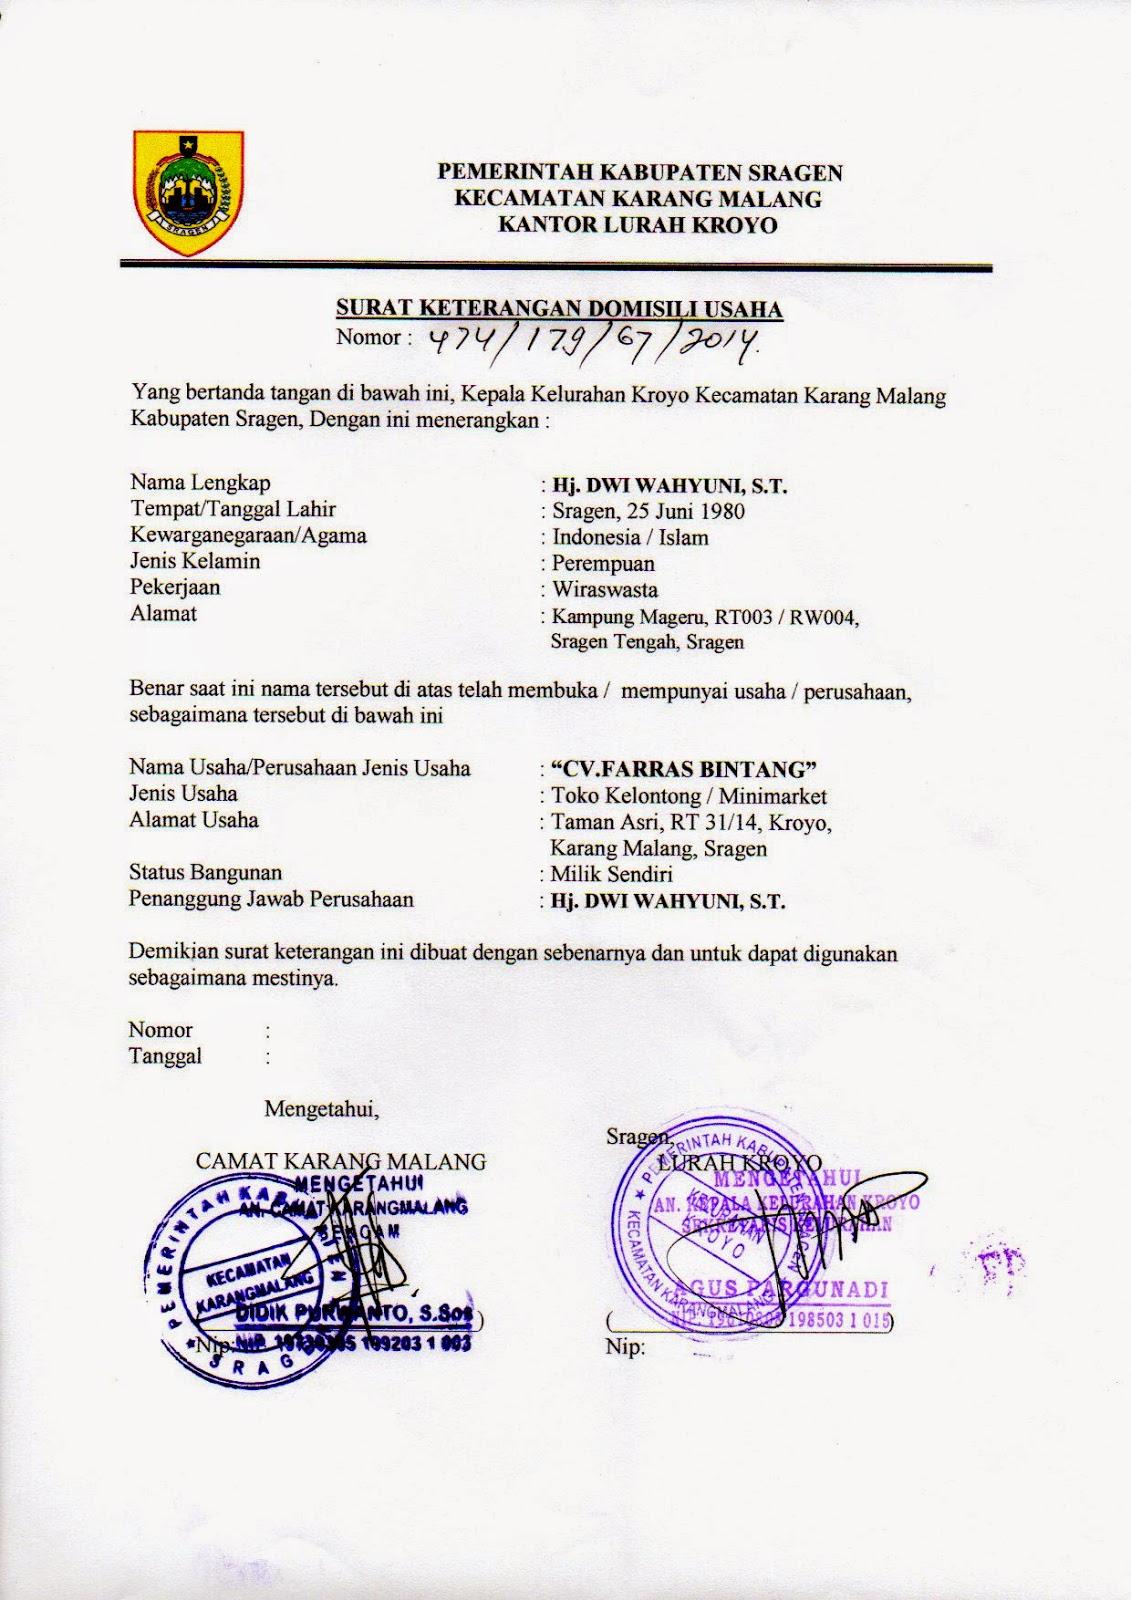 Contoh Surat Keterangan Domisili Lembaga